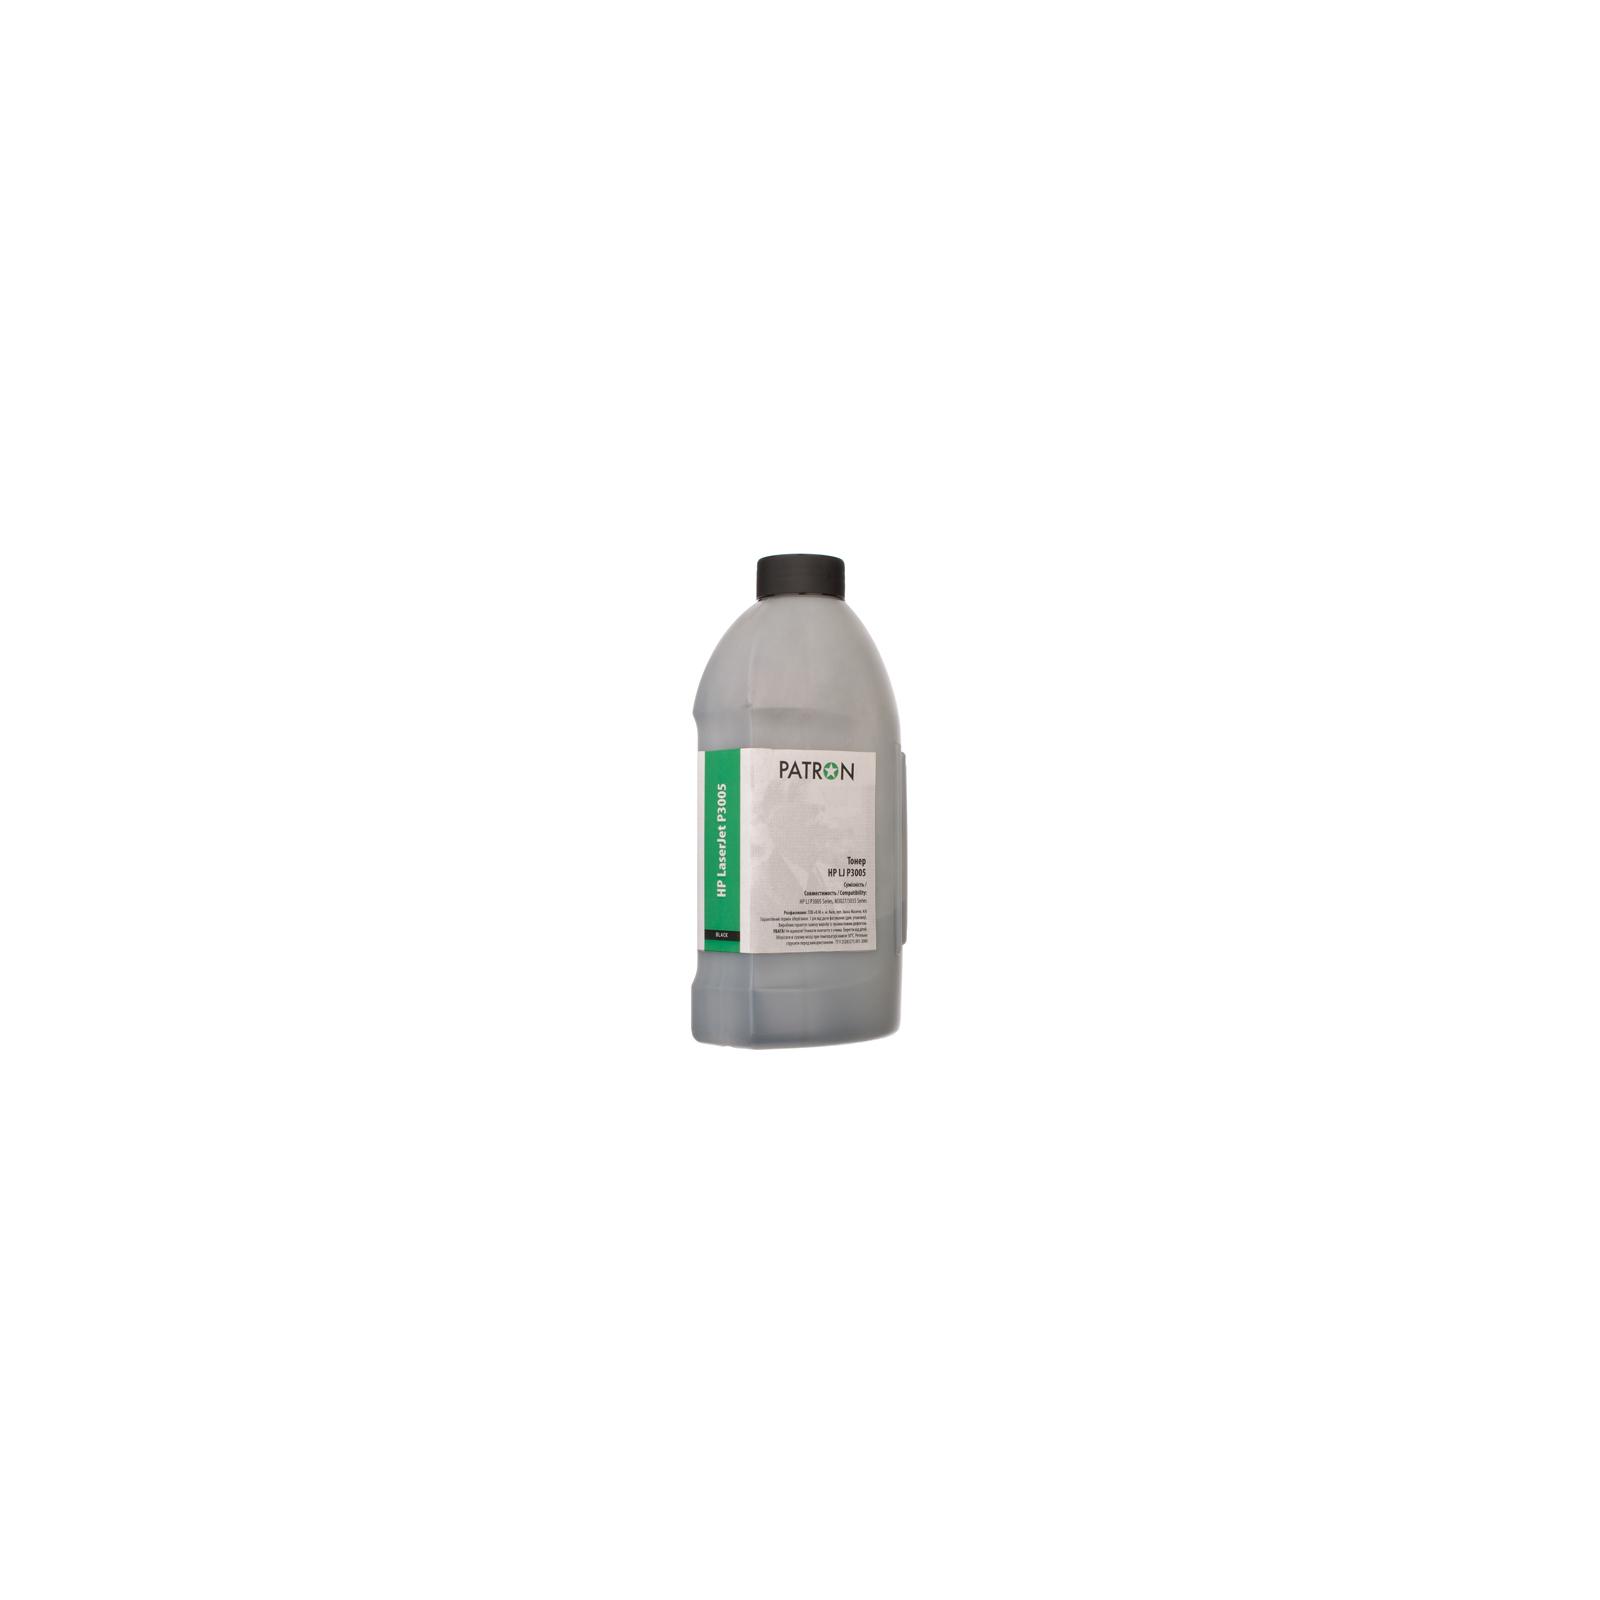 Тонер PATRON HP LJ P3005 340г (PN-HLJP3005-340)